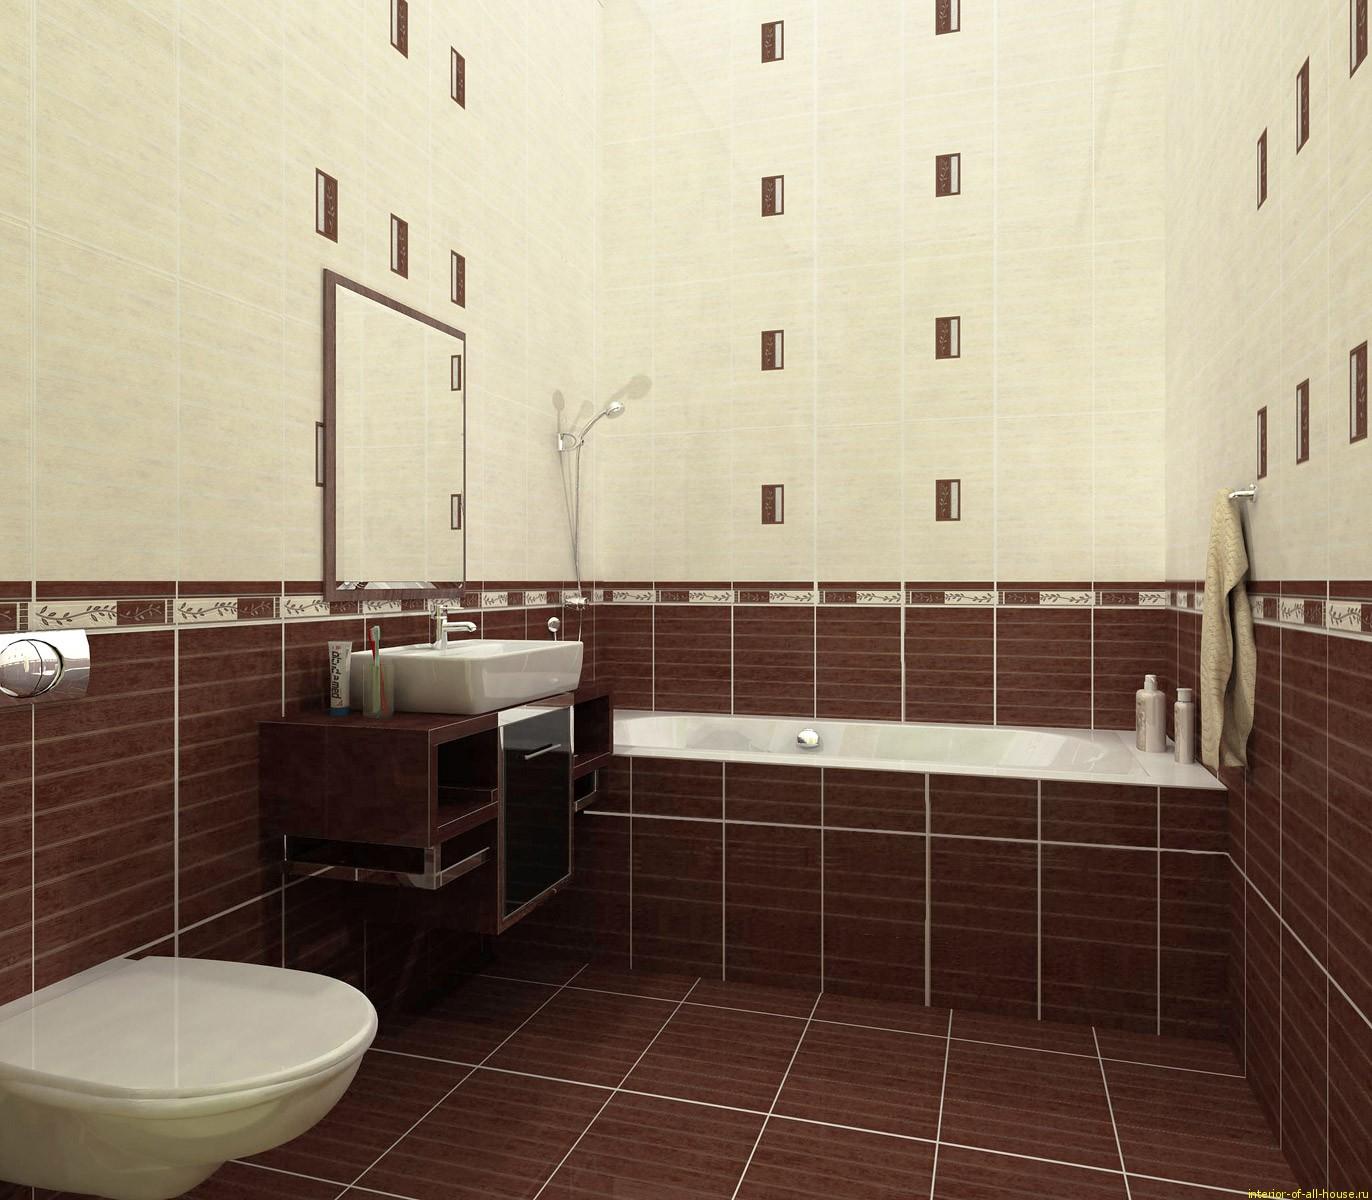 Плитка коричневого цвета для маленькой ванной комнаты